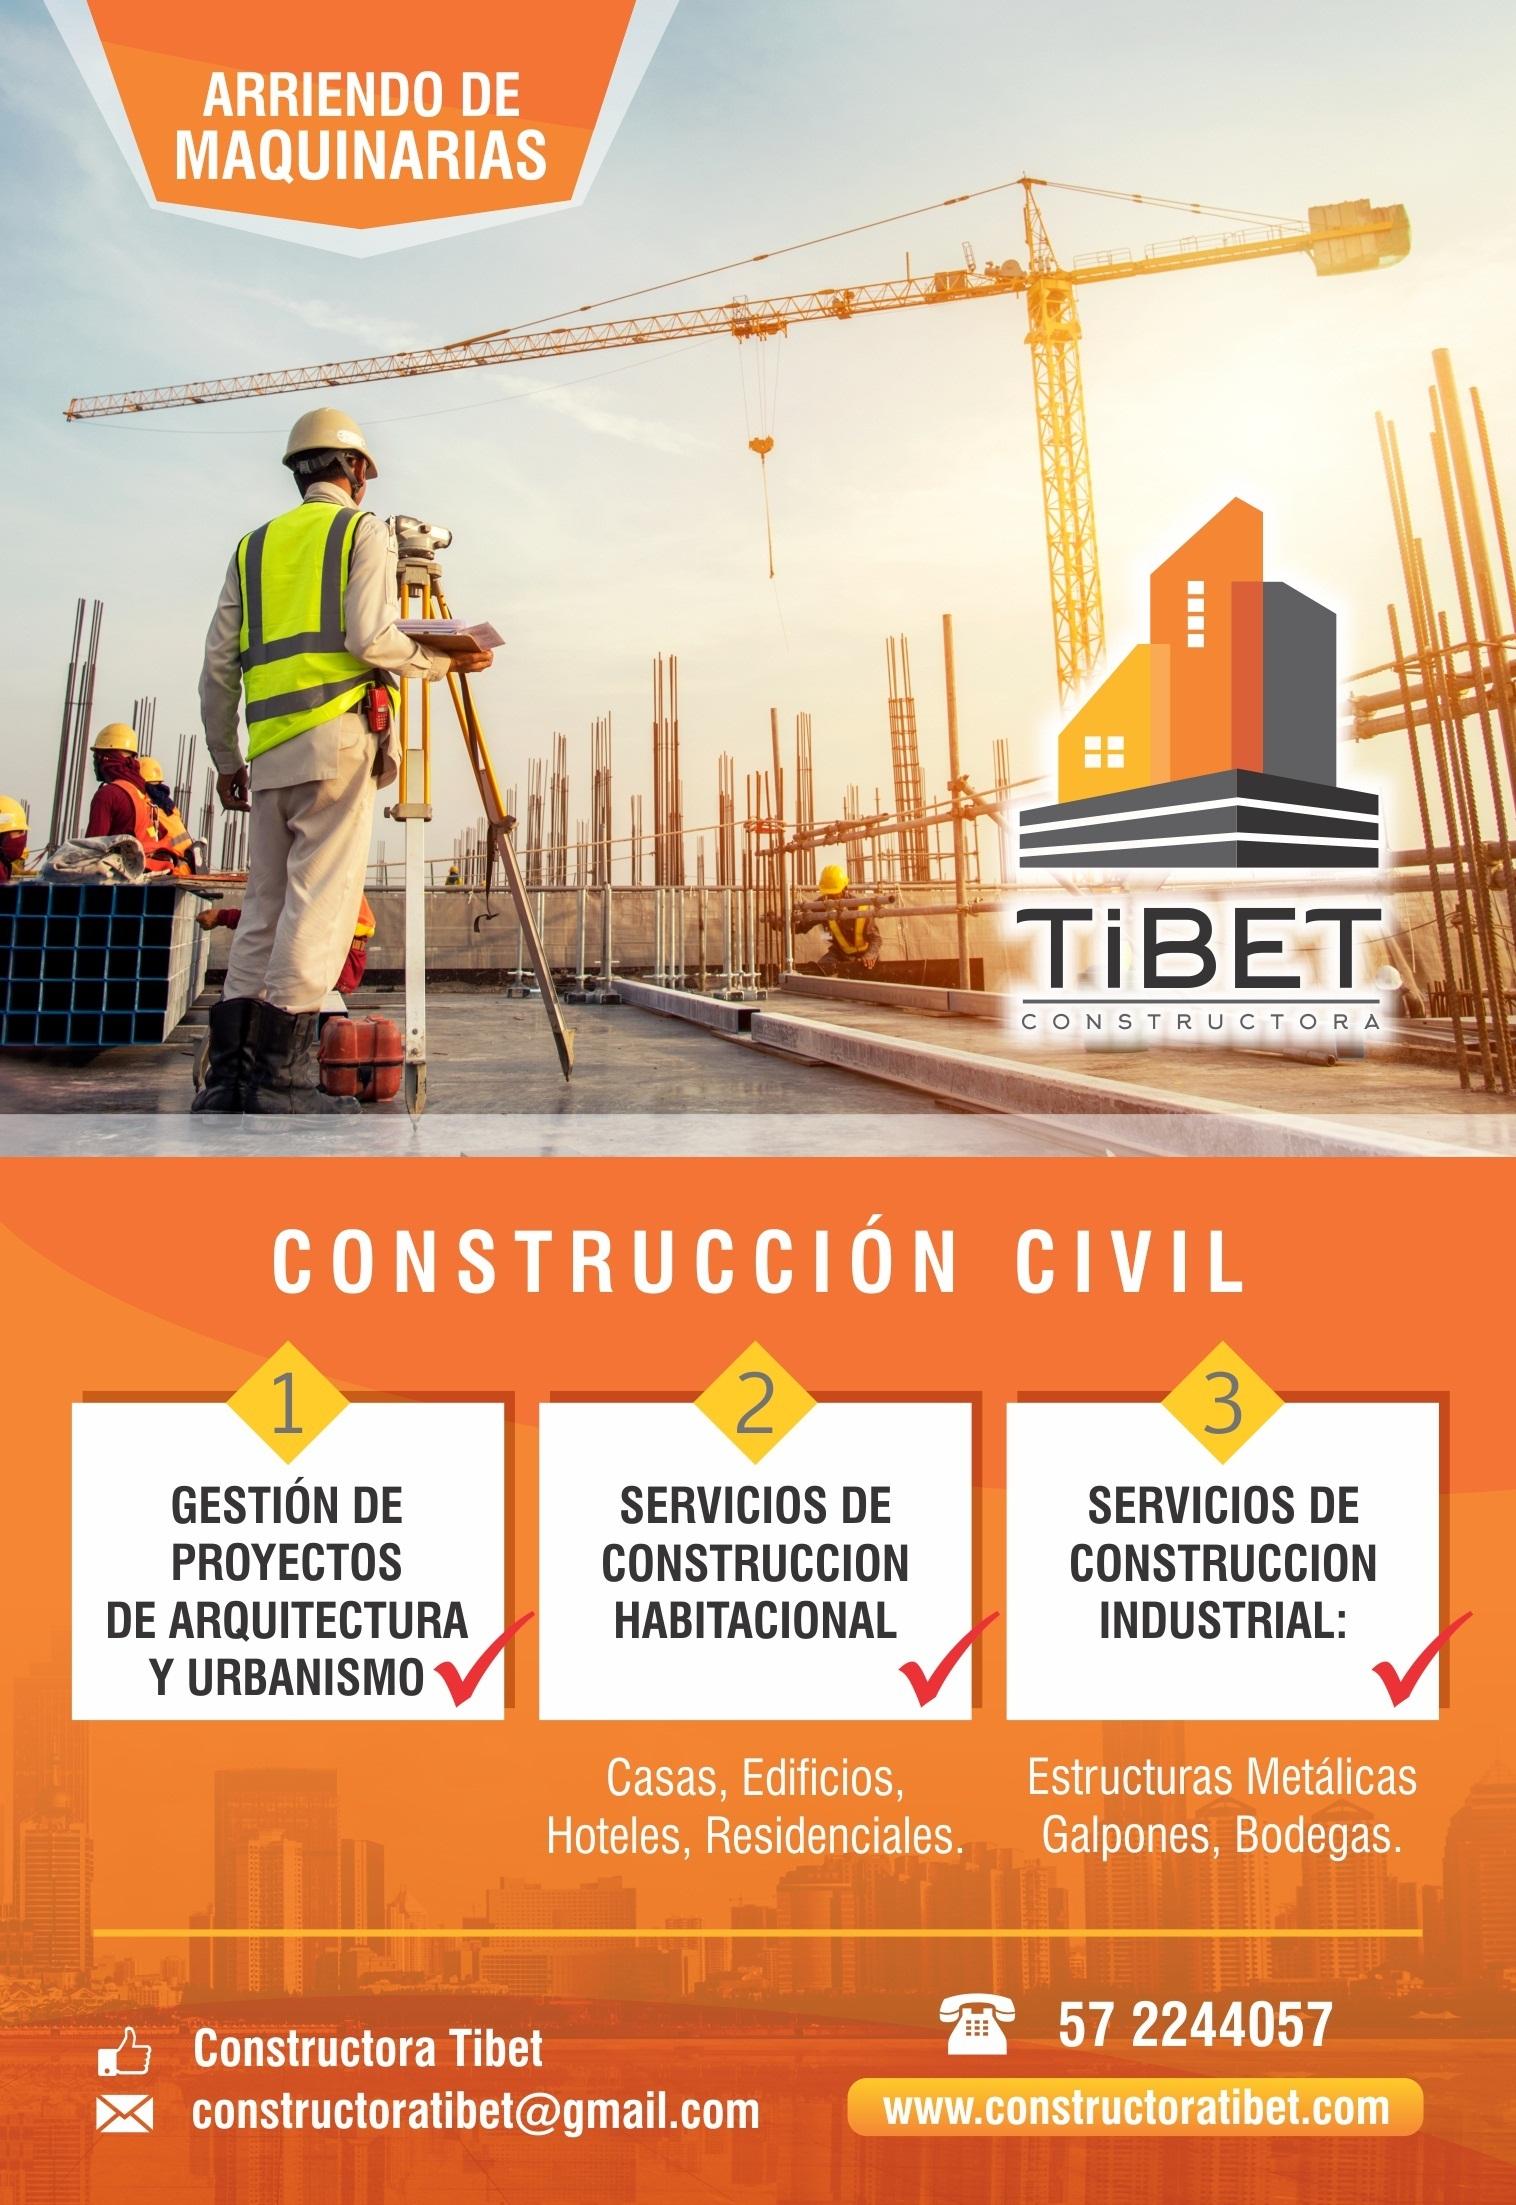 CONSTRUCTORA TIBET